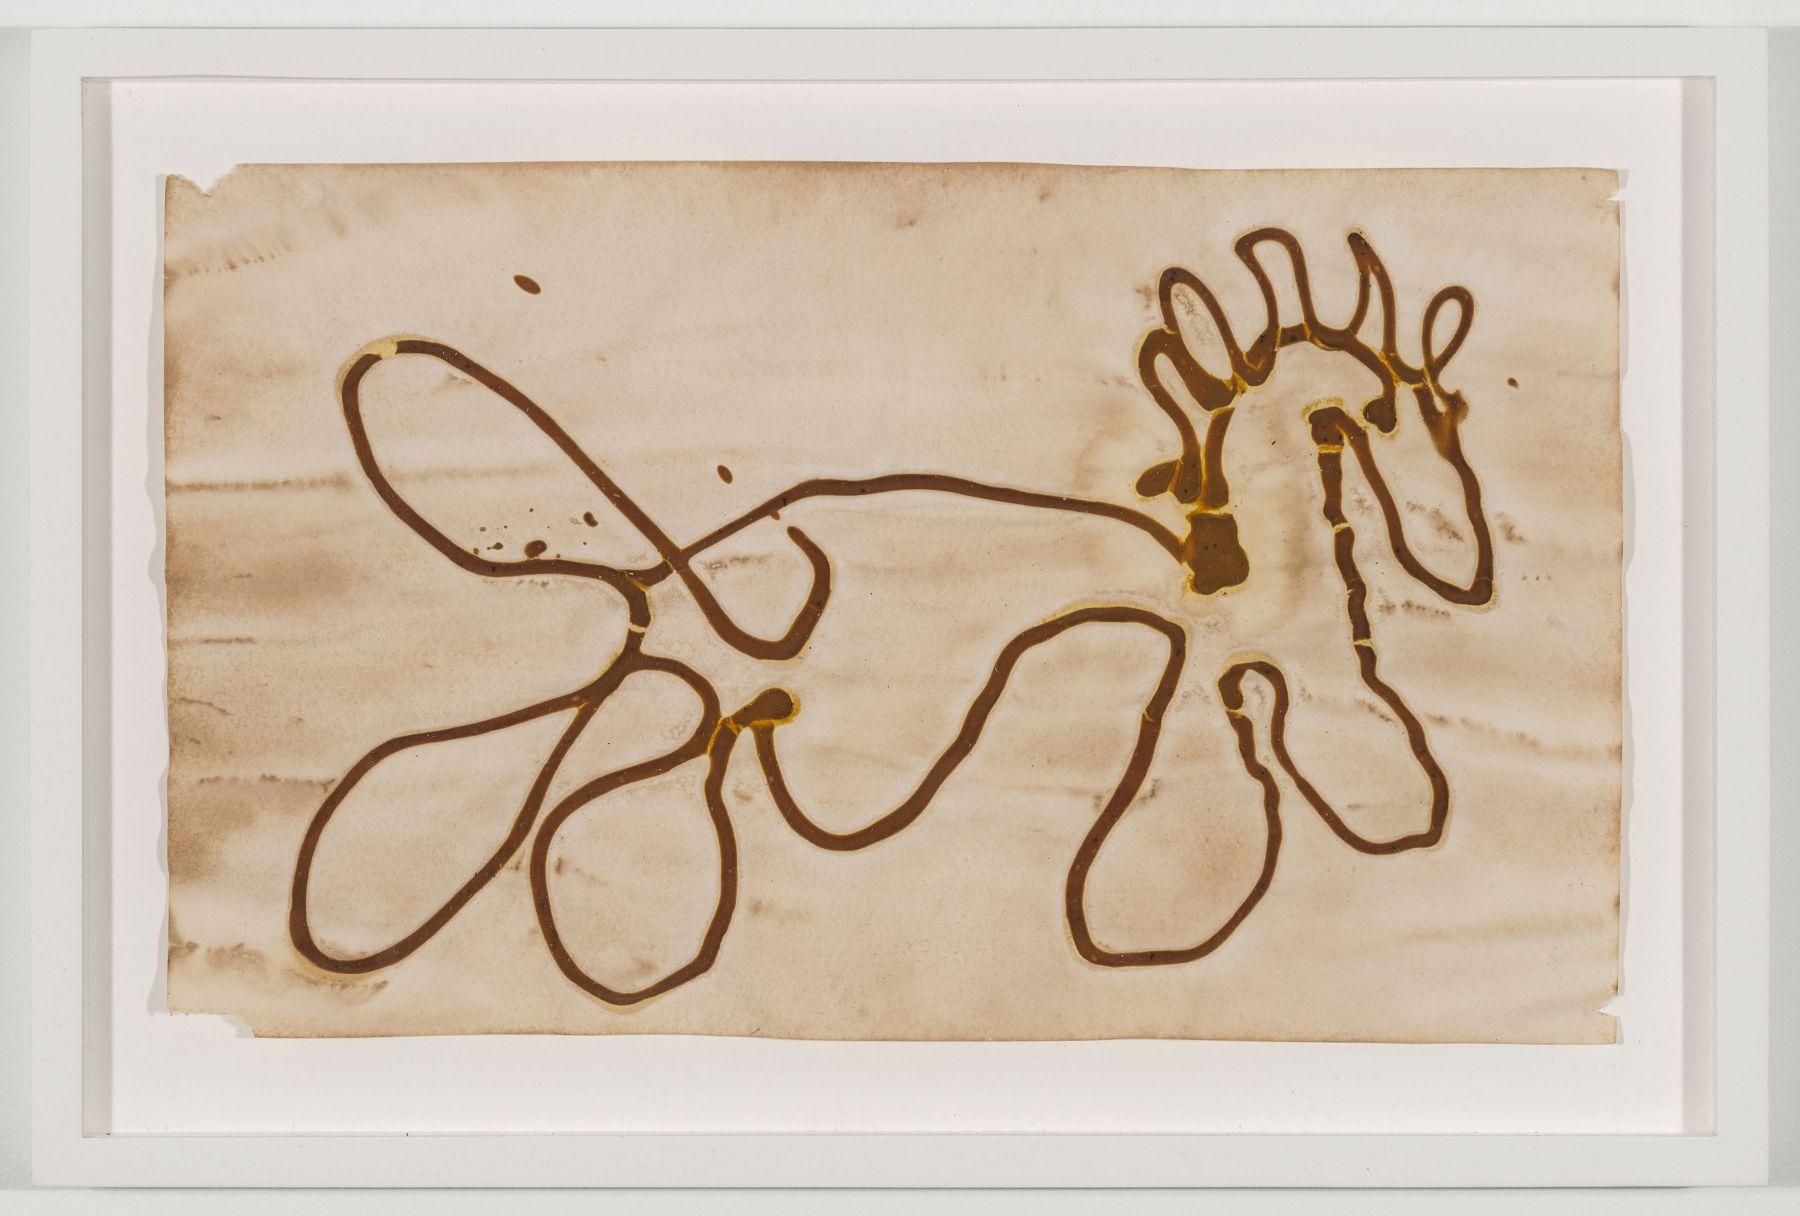 BRIAN BELOTT, Mustard Drawing (Horse No. 2),2015